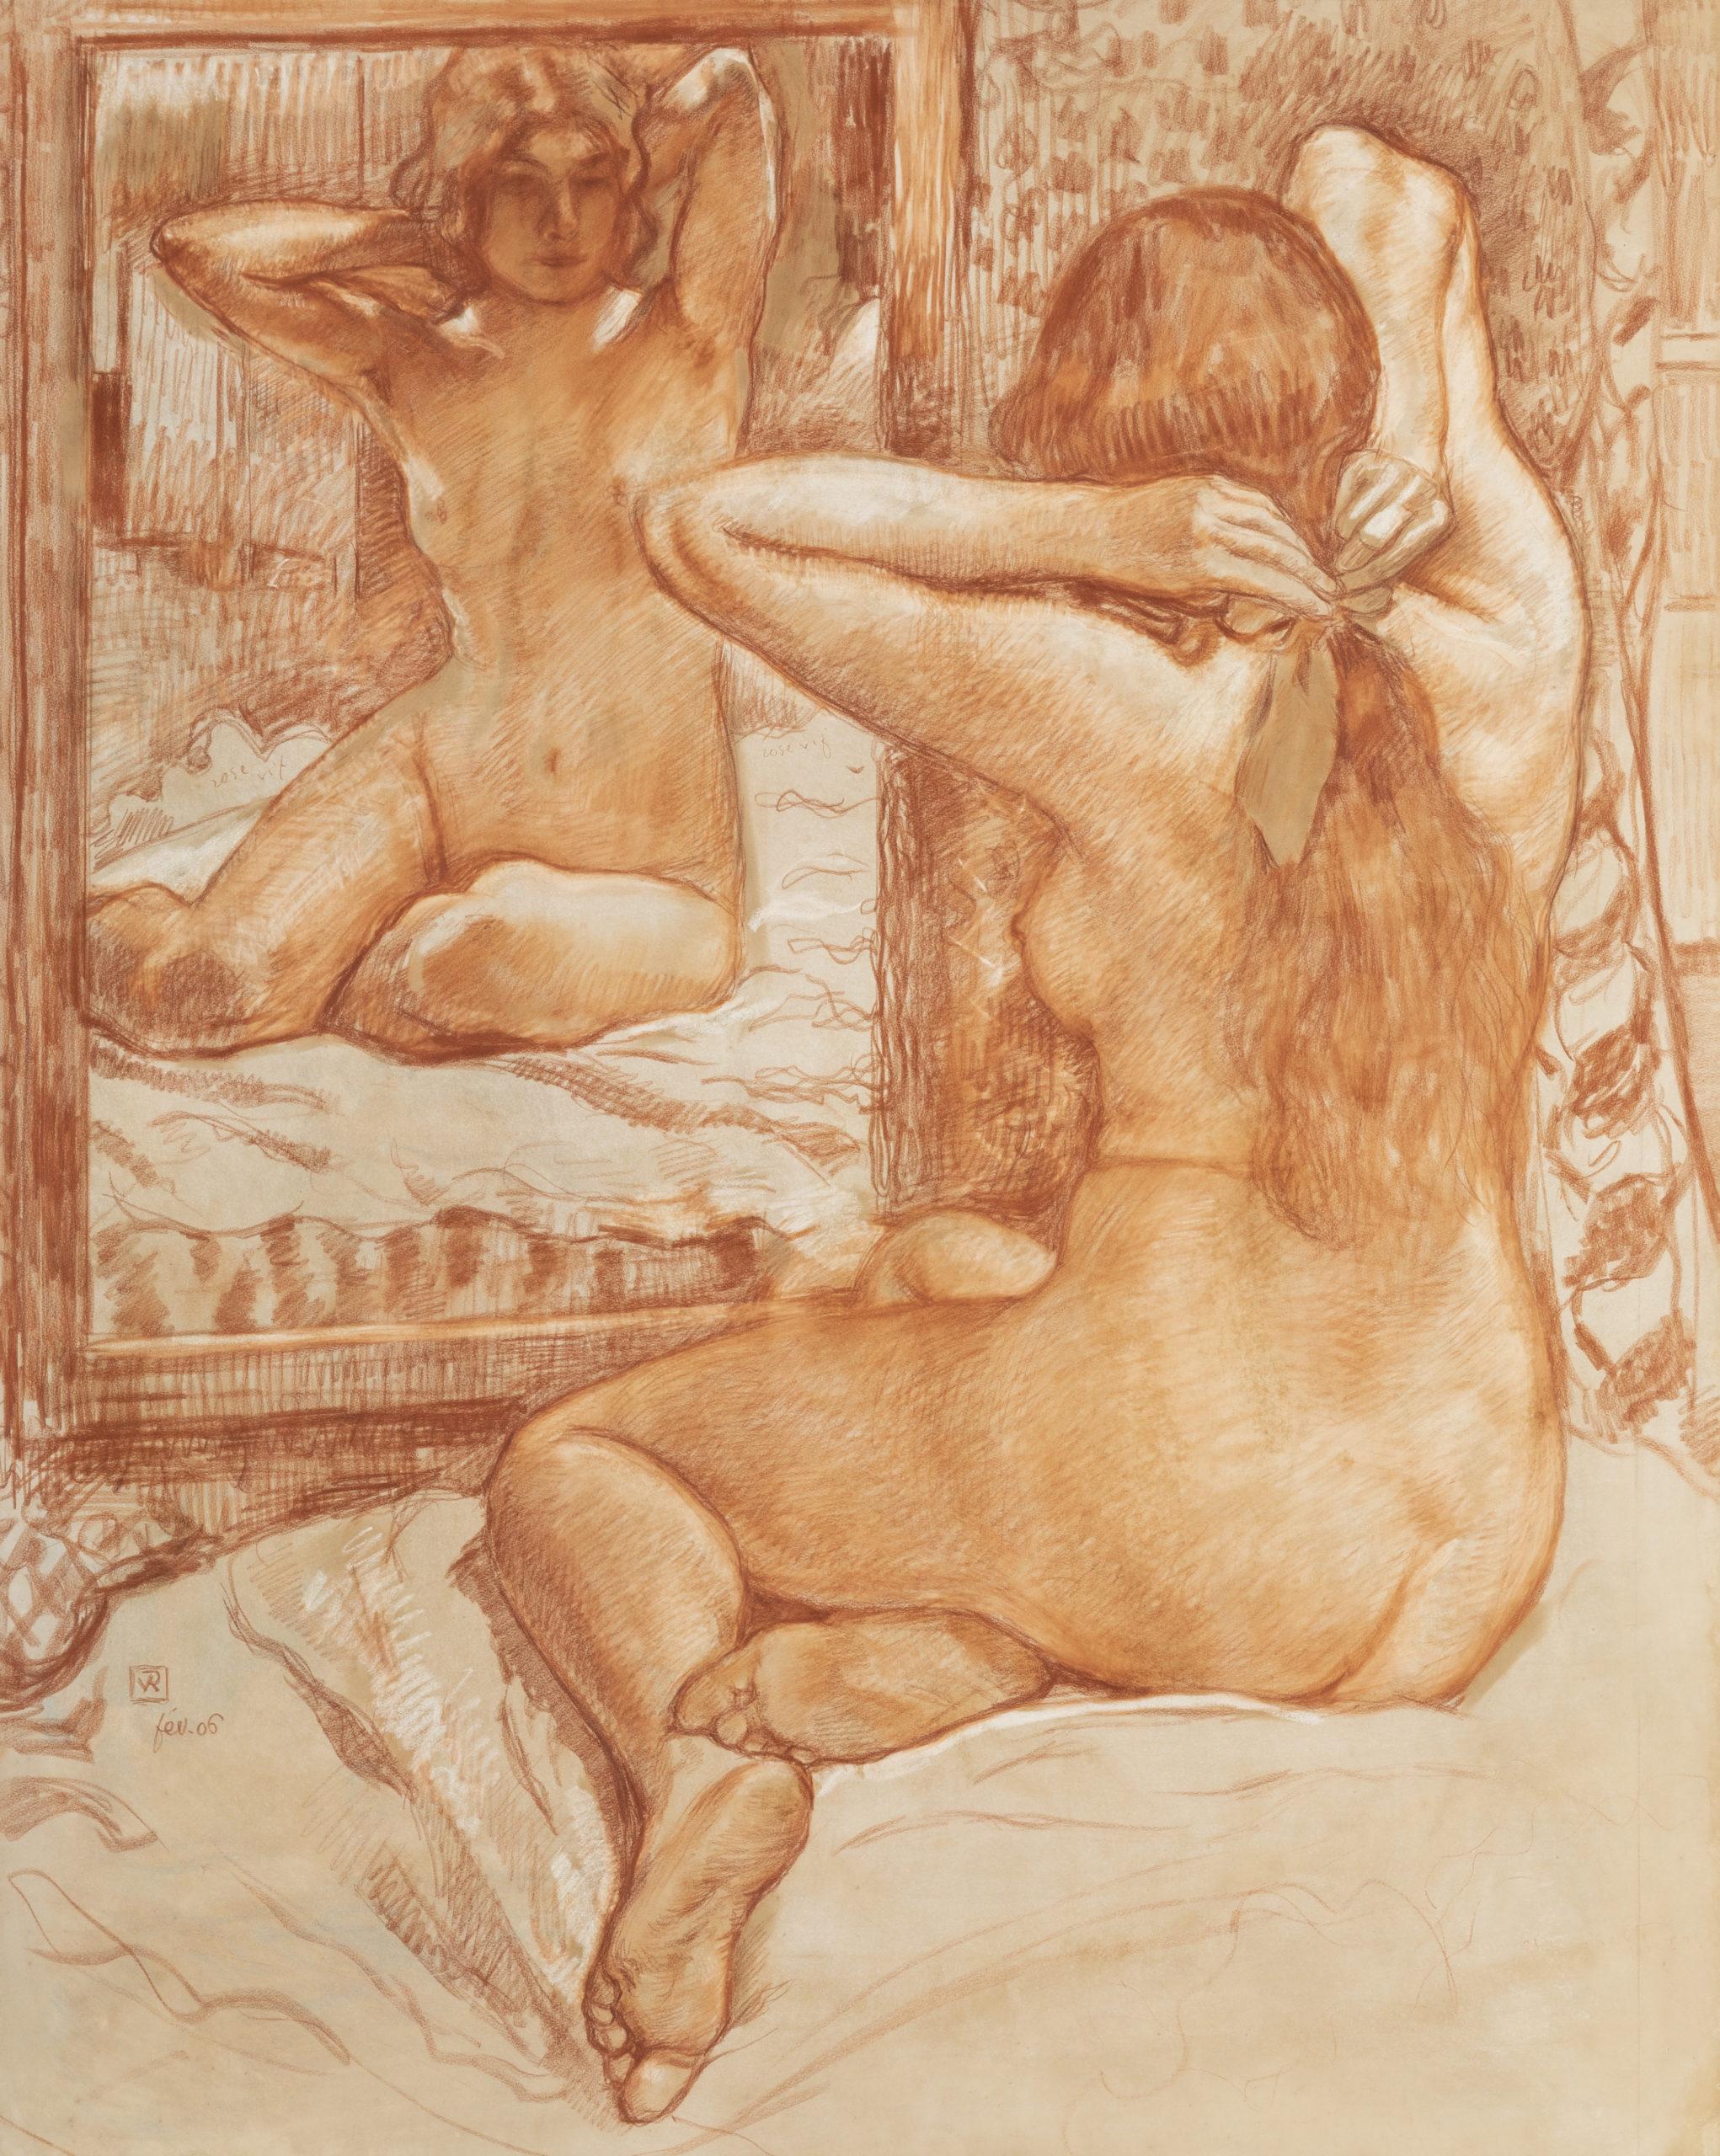 ThÇo VAN RYSSELBERGHE Le ruban Çcarlate Sanguine gouache et craie blance sur papier 110x88cm LANCZ-GALLERY-crÇdit photo Everarts